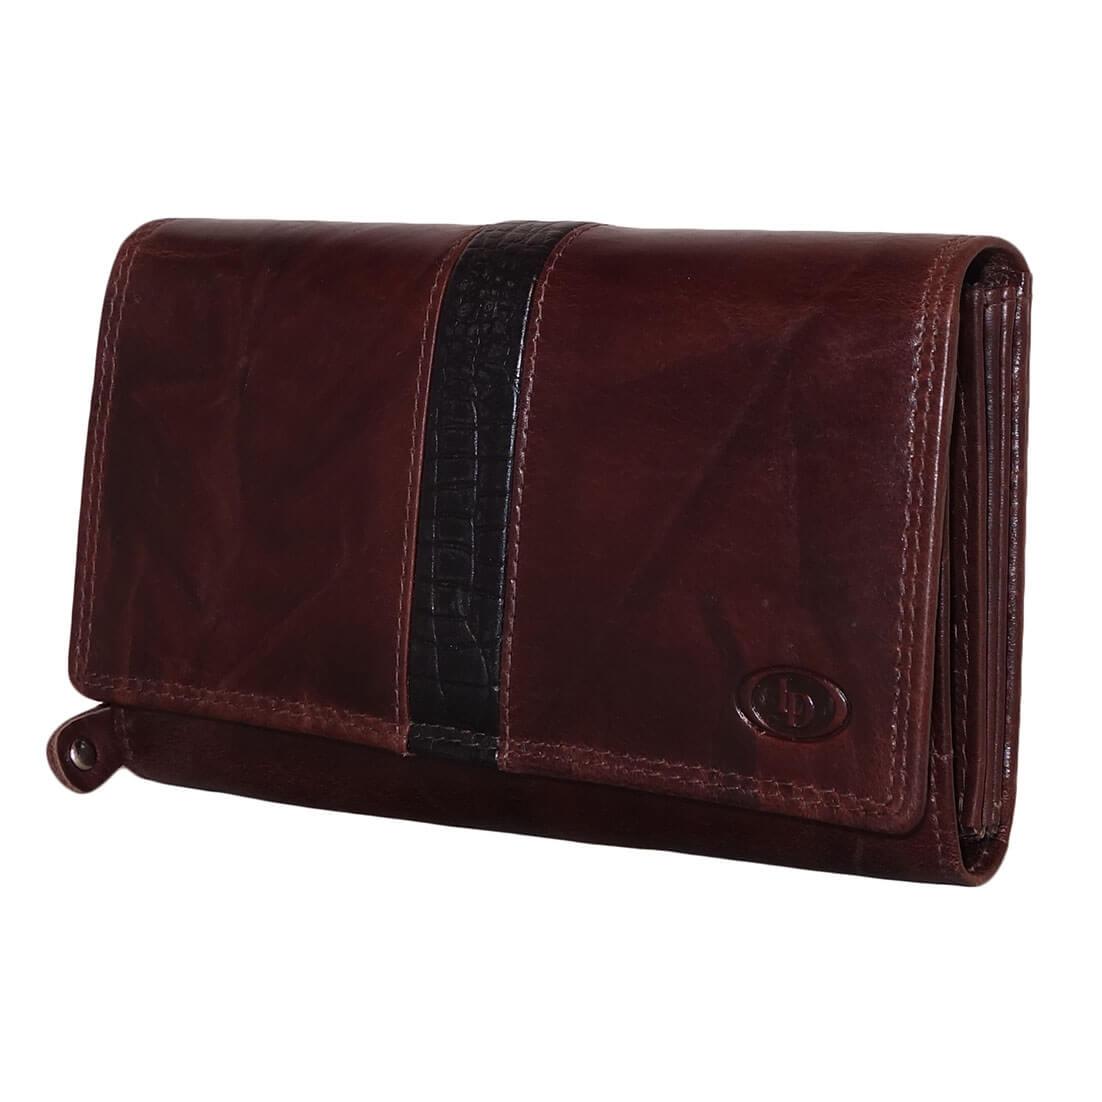 Portemonnee Dames Bruin Leer.Leather Design Dames Portemonnee Croco Bruin Online Kopen